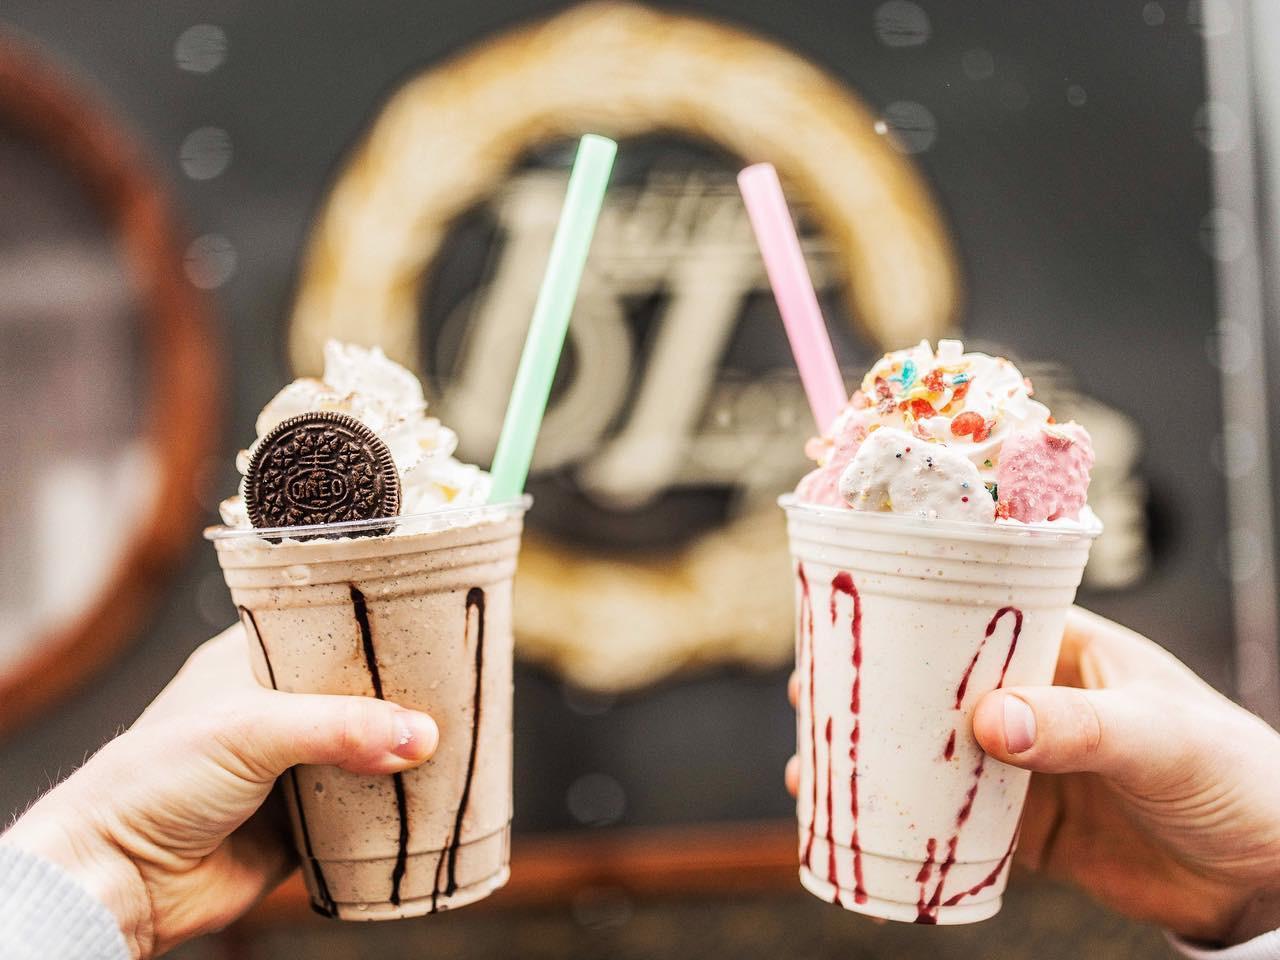 Better Together Cafe Milkshakes